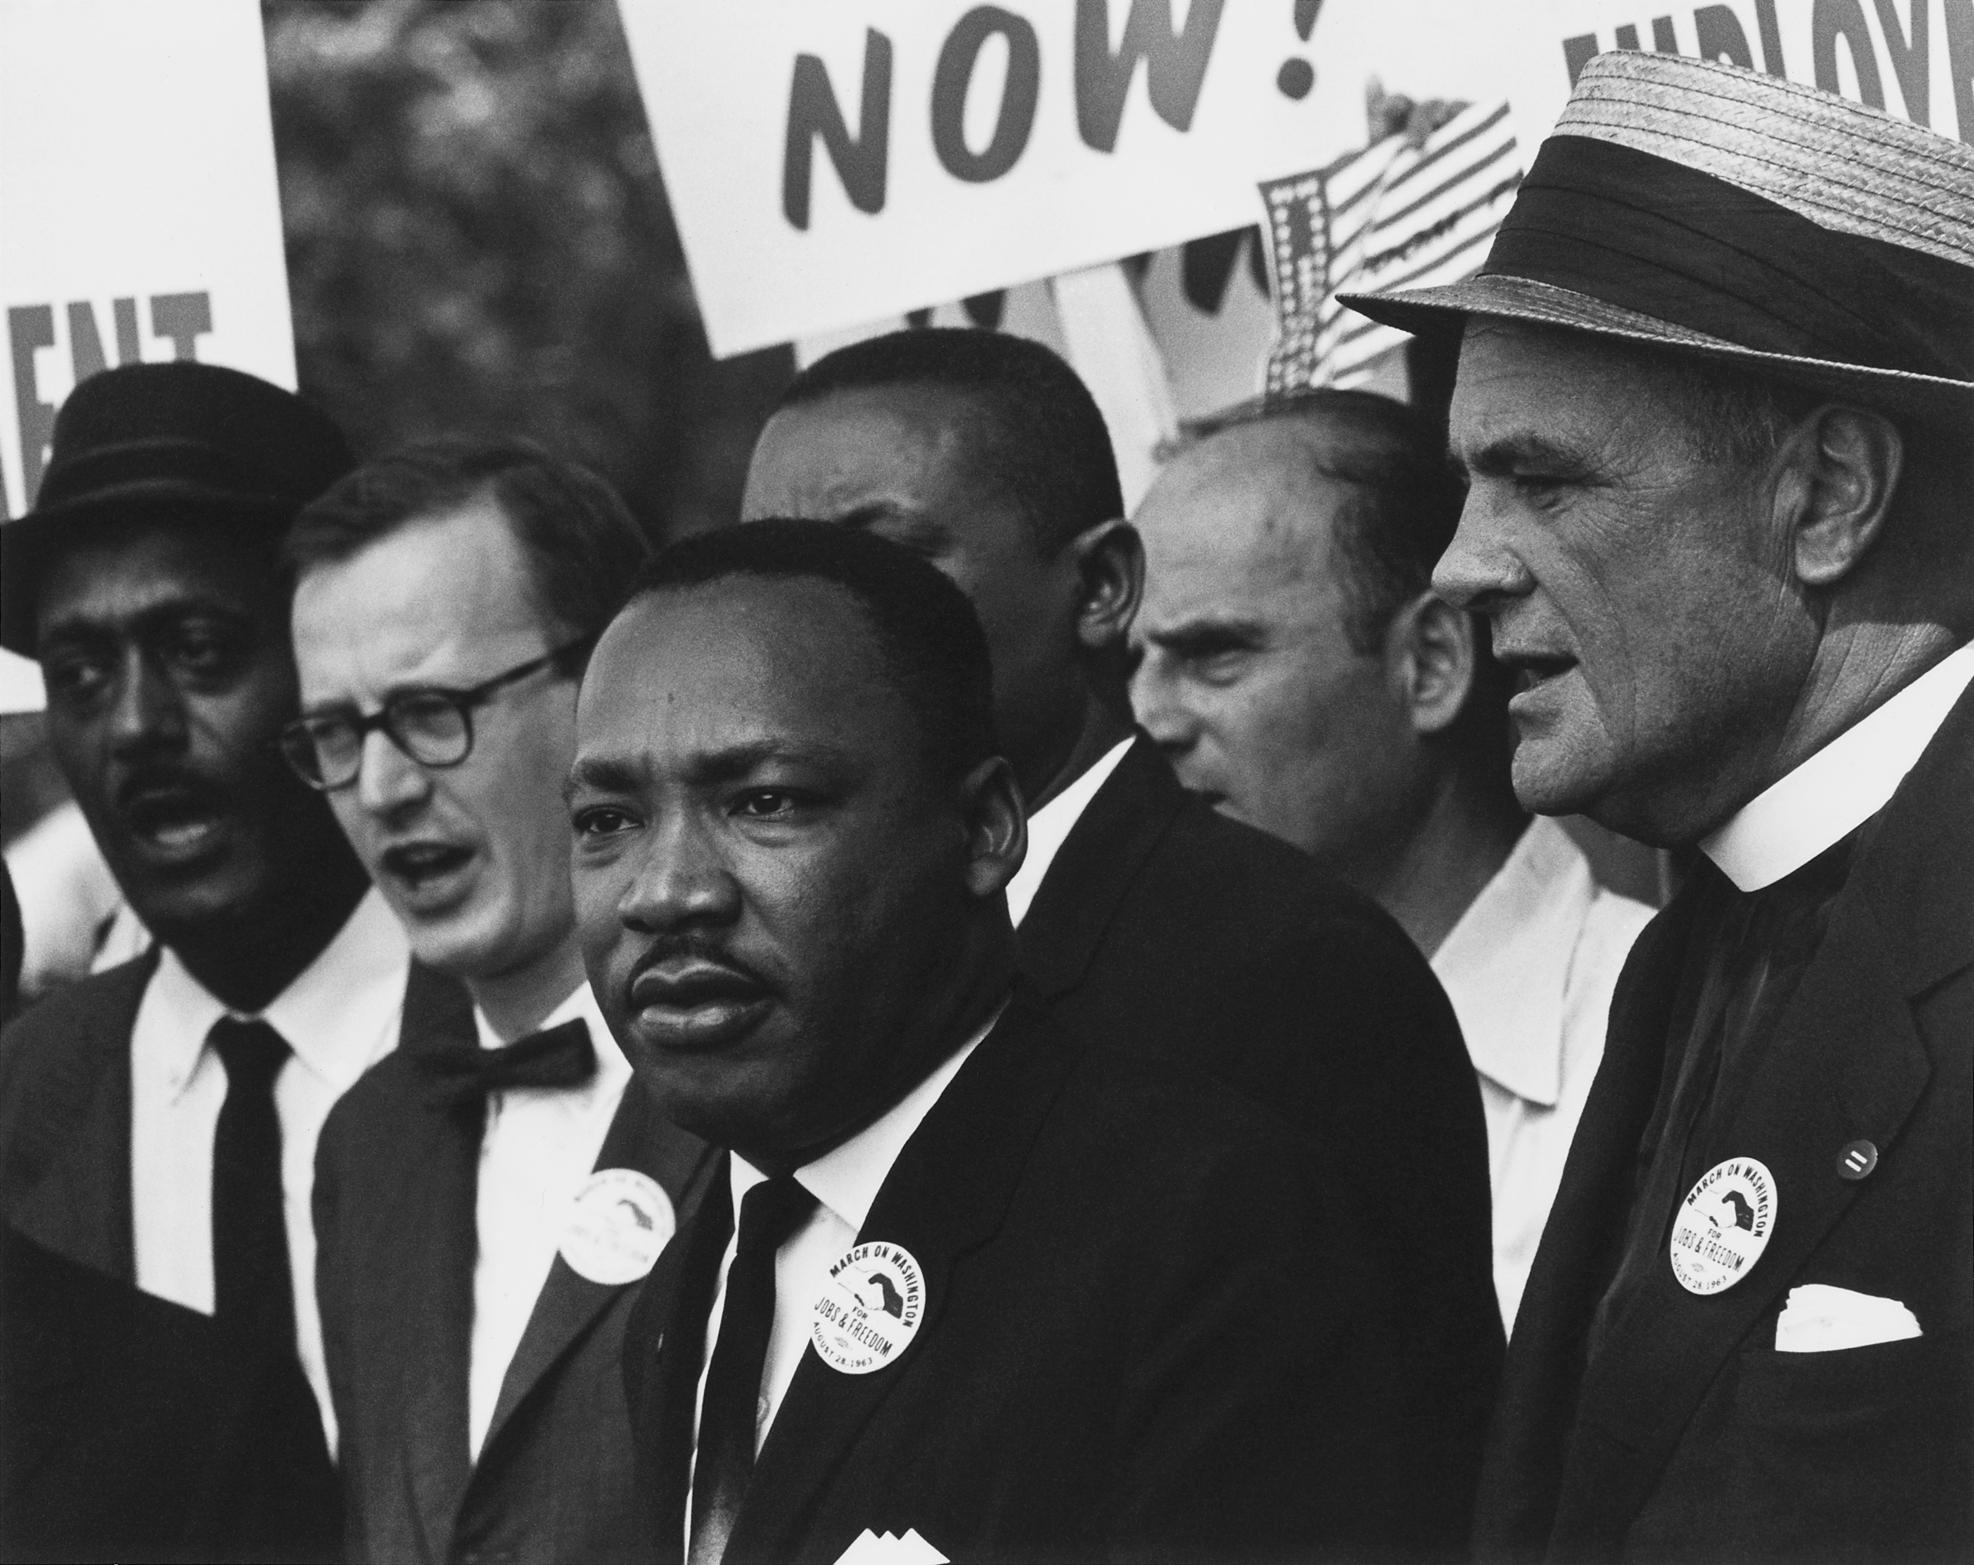 Pedeset godina nakon Kingove smrti, prošlost i dalje progoni SAD